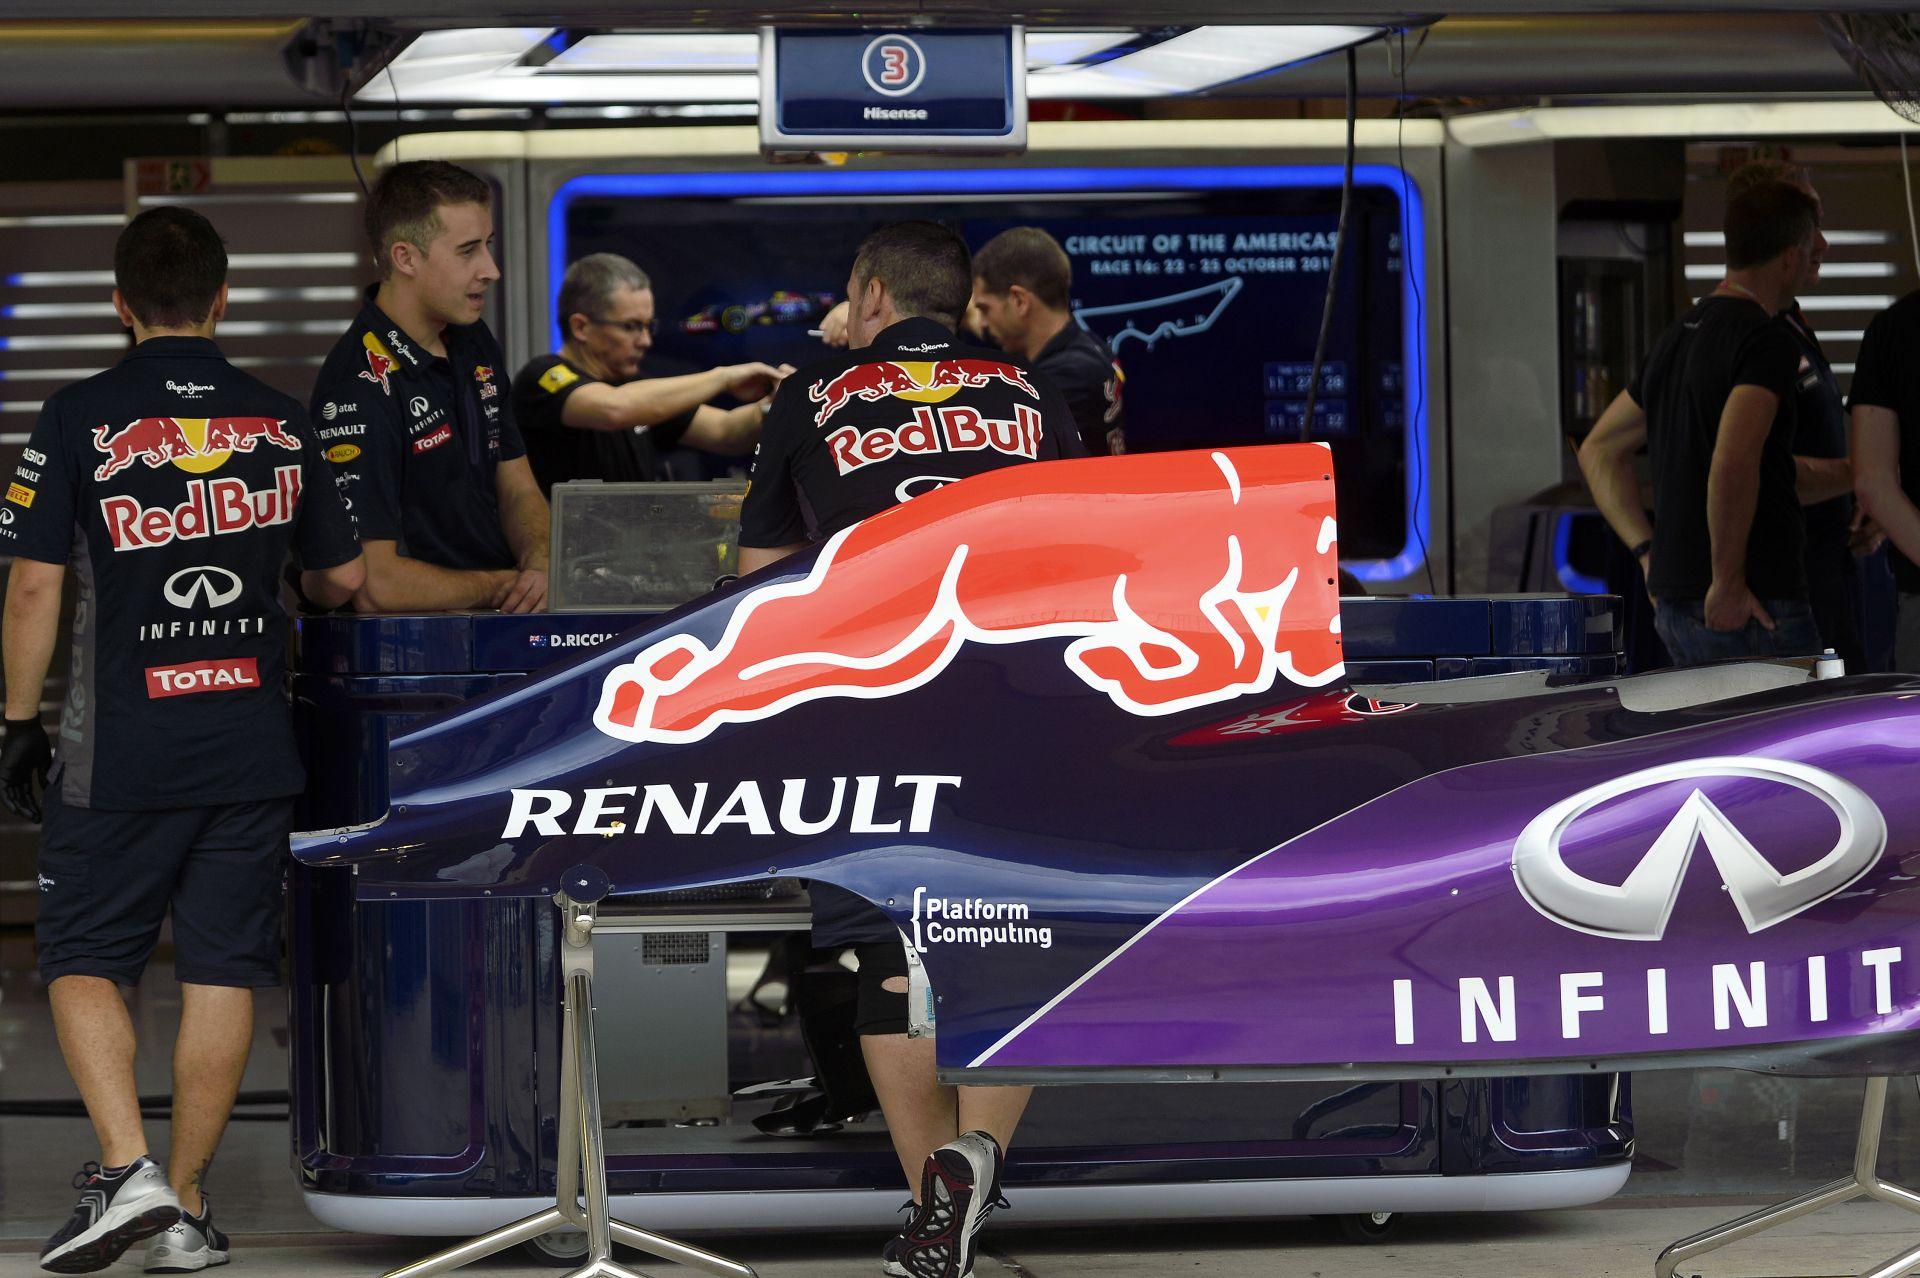 A Red Bull a pénteki edzésekre tuti nem építi be a Renault új motorjait Austinban!